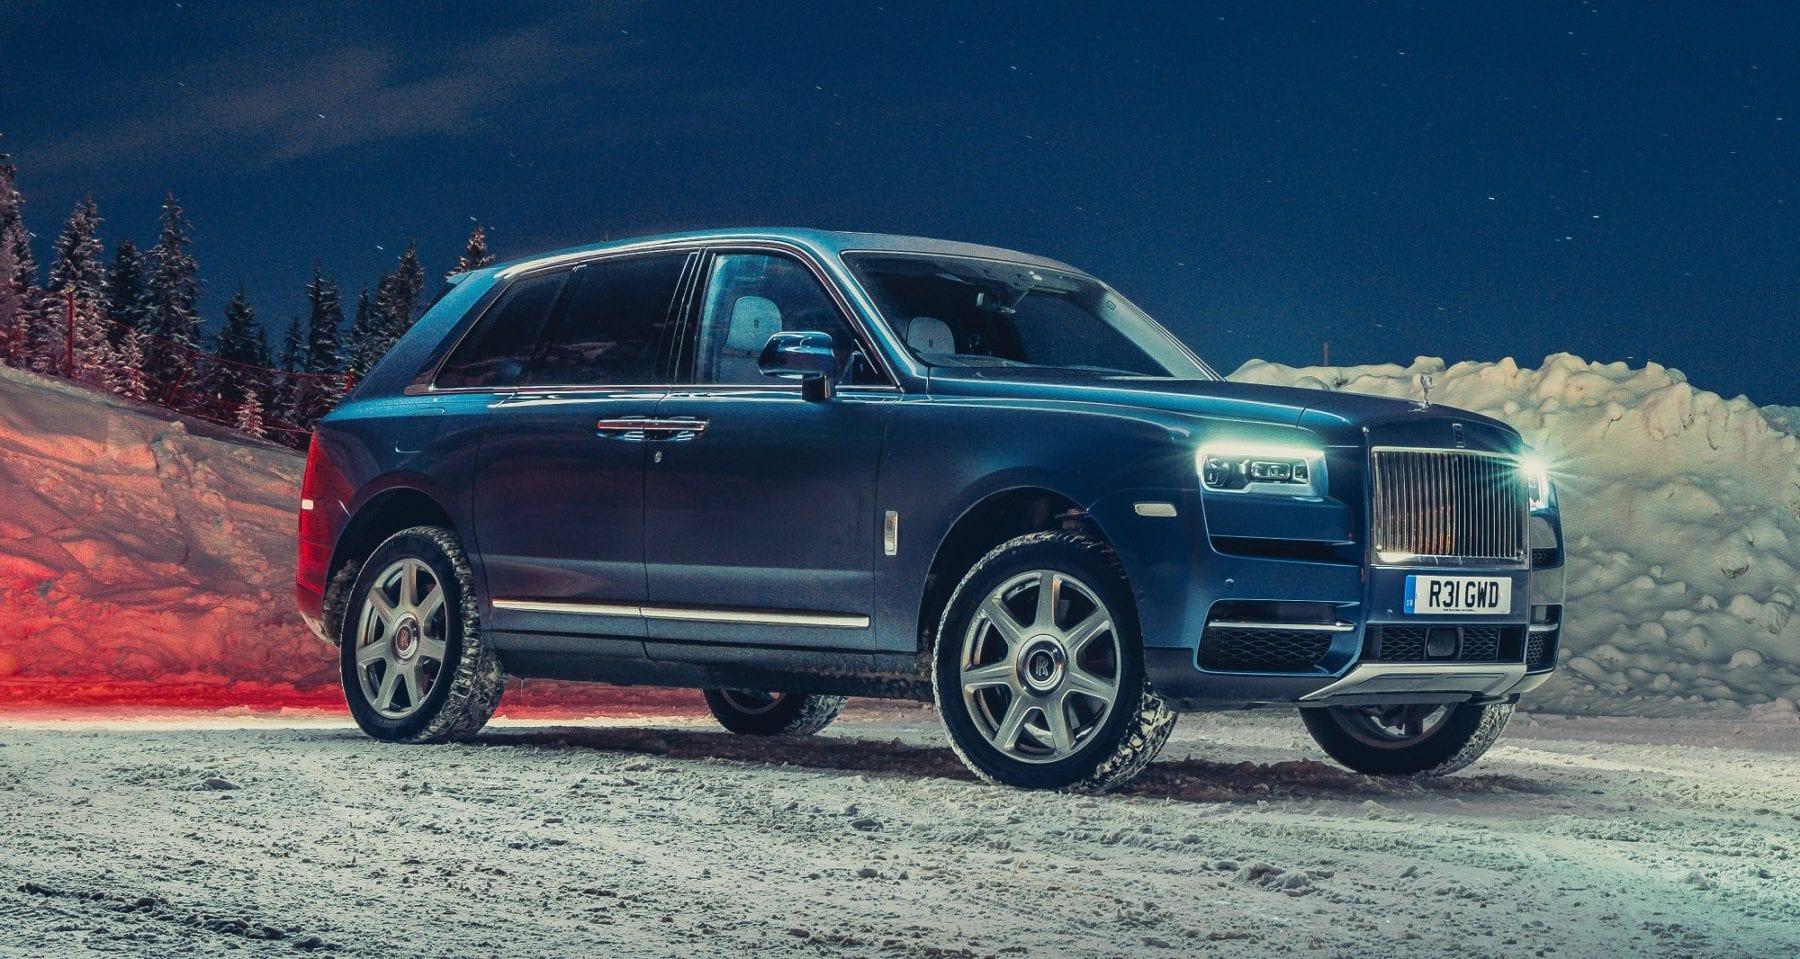 Rolls Royce Cunnilingus